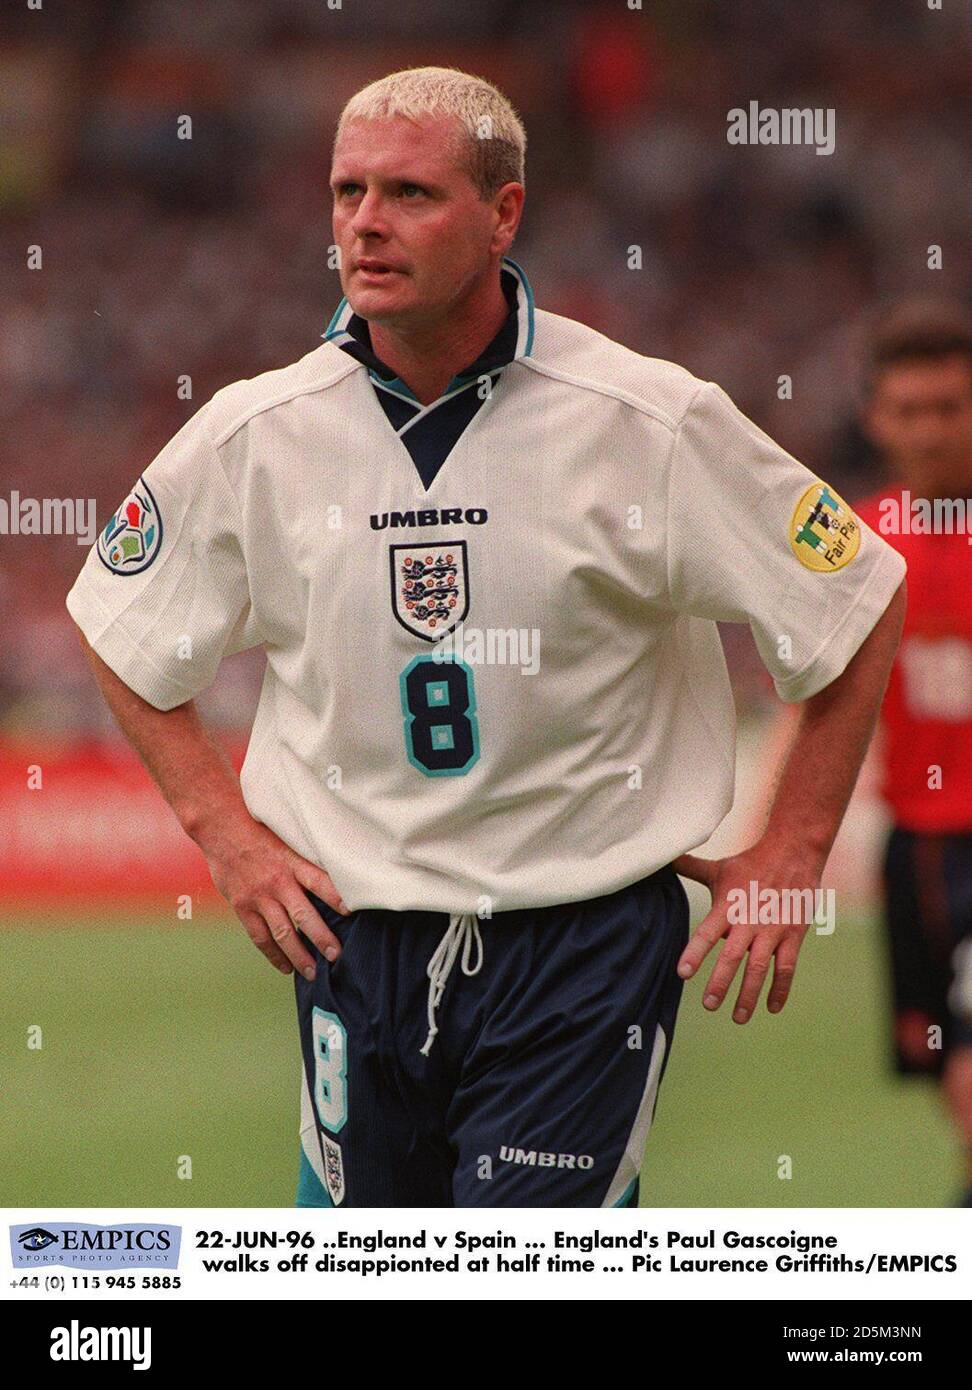 22-JUN-96 ..England / Spanien ... Englands Paul Gascoigne geht zur Halbzeit enttäuscht aus Stockfoto